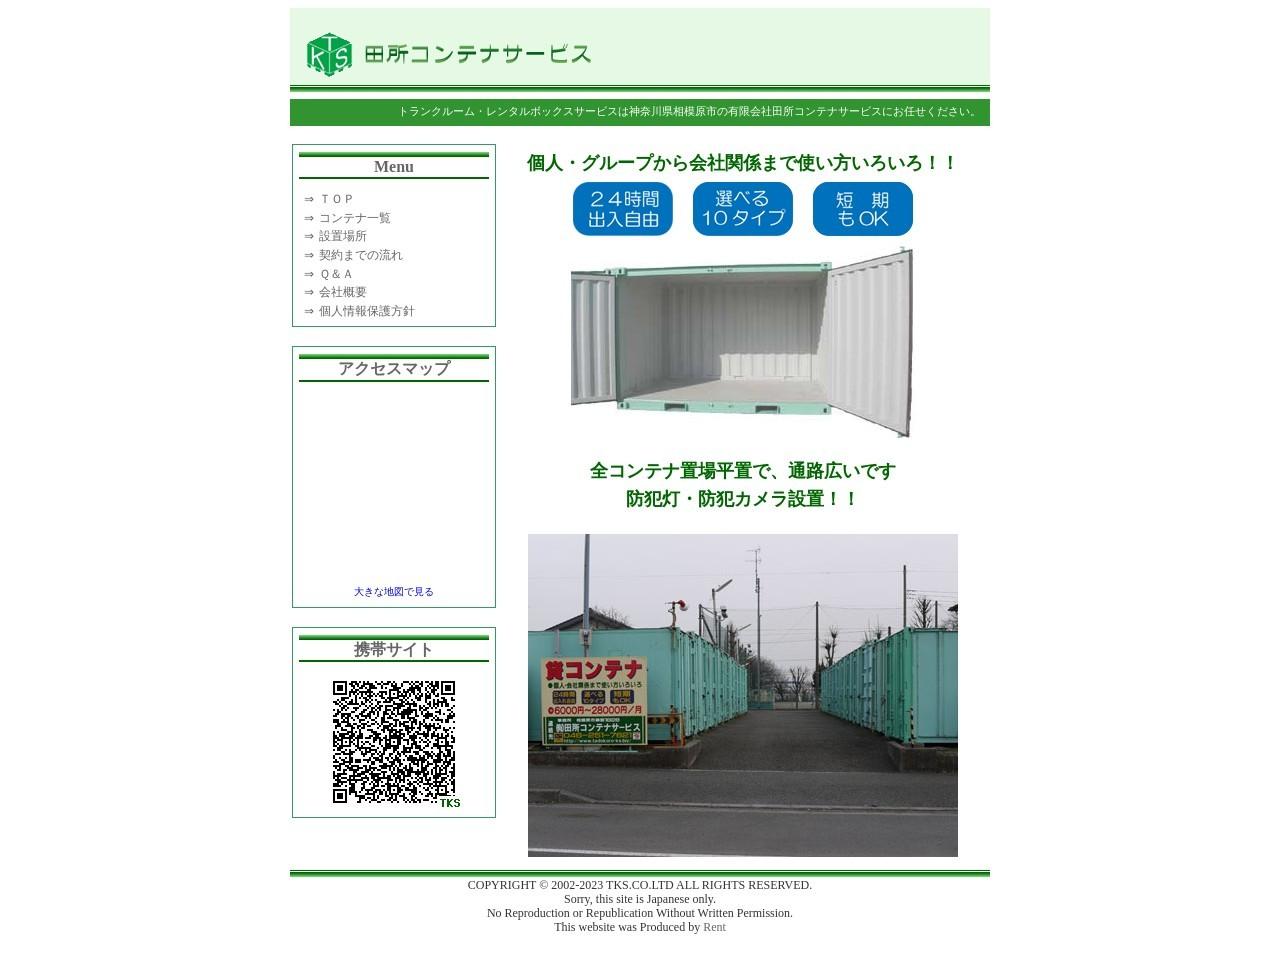 有限会社田所コンテナサービス